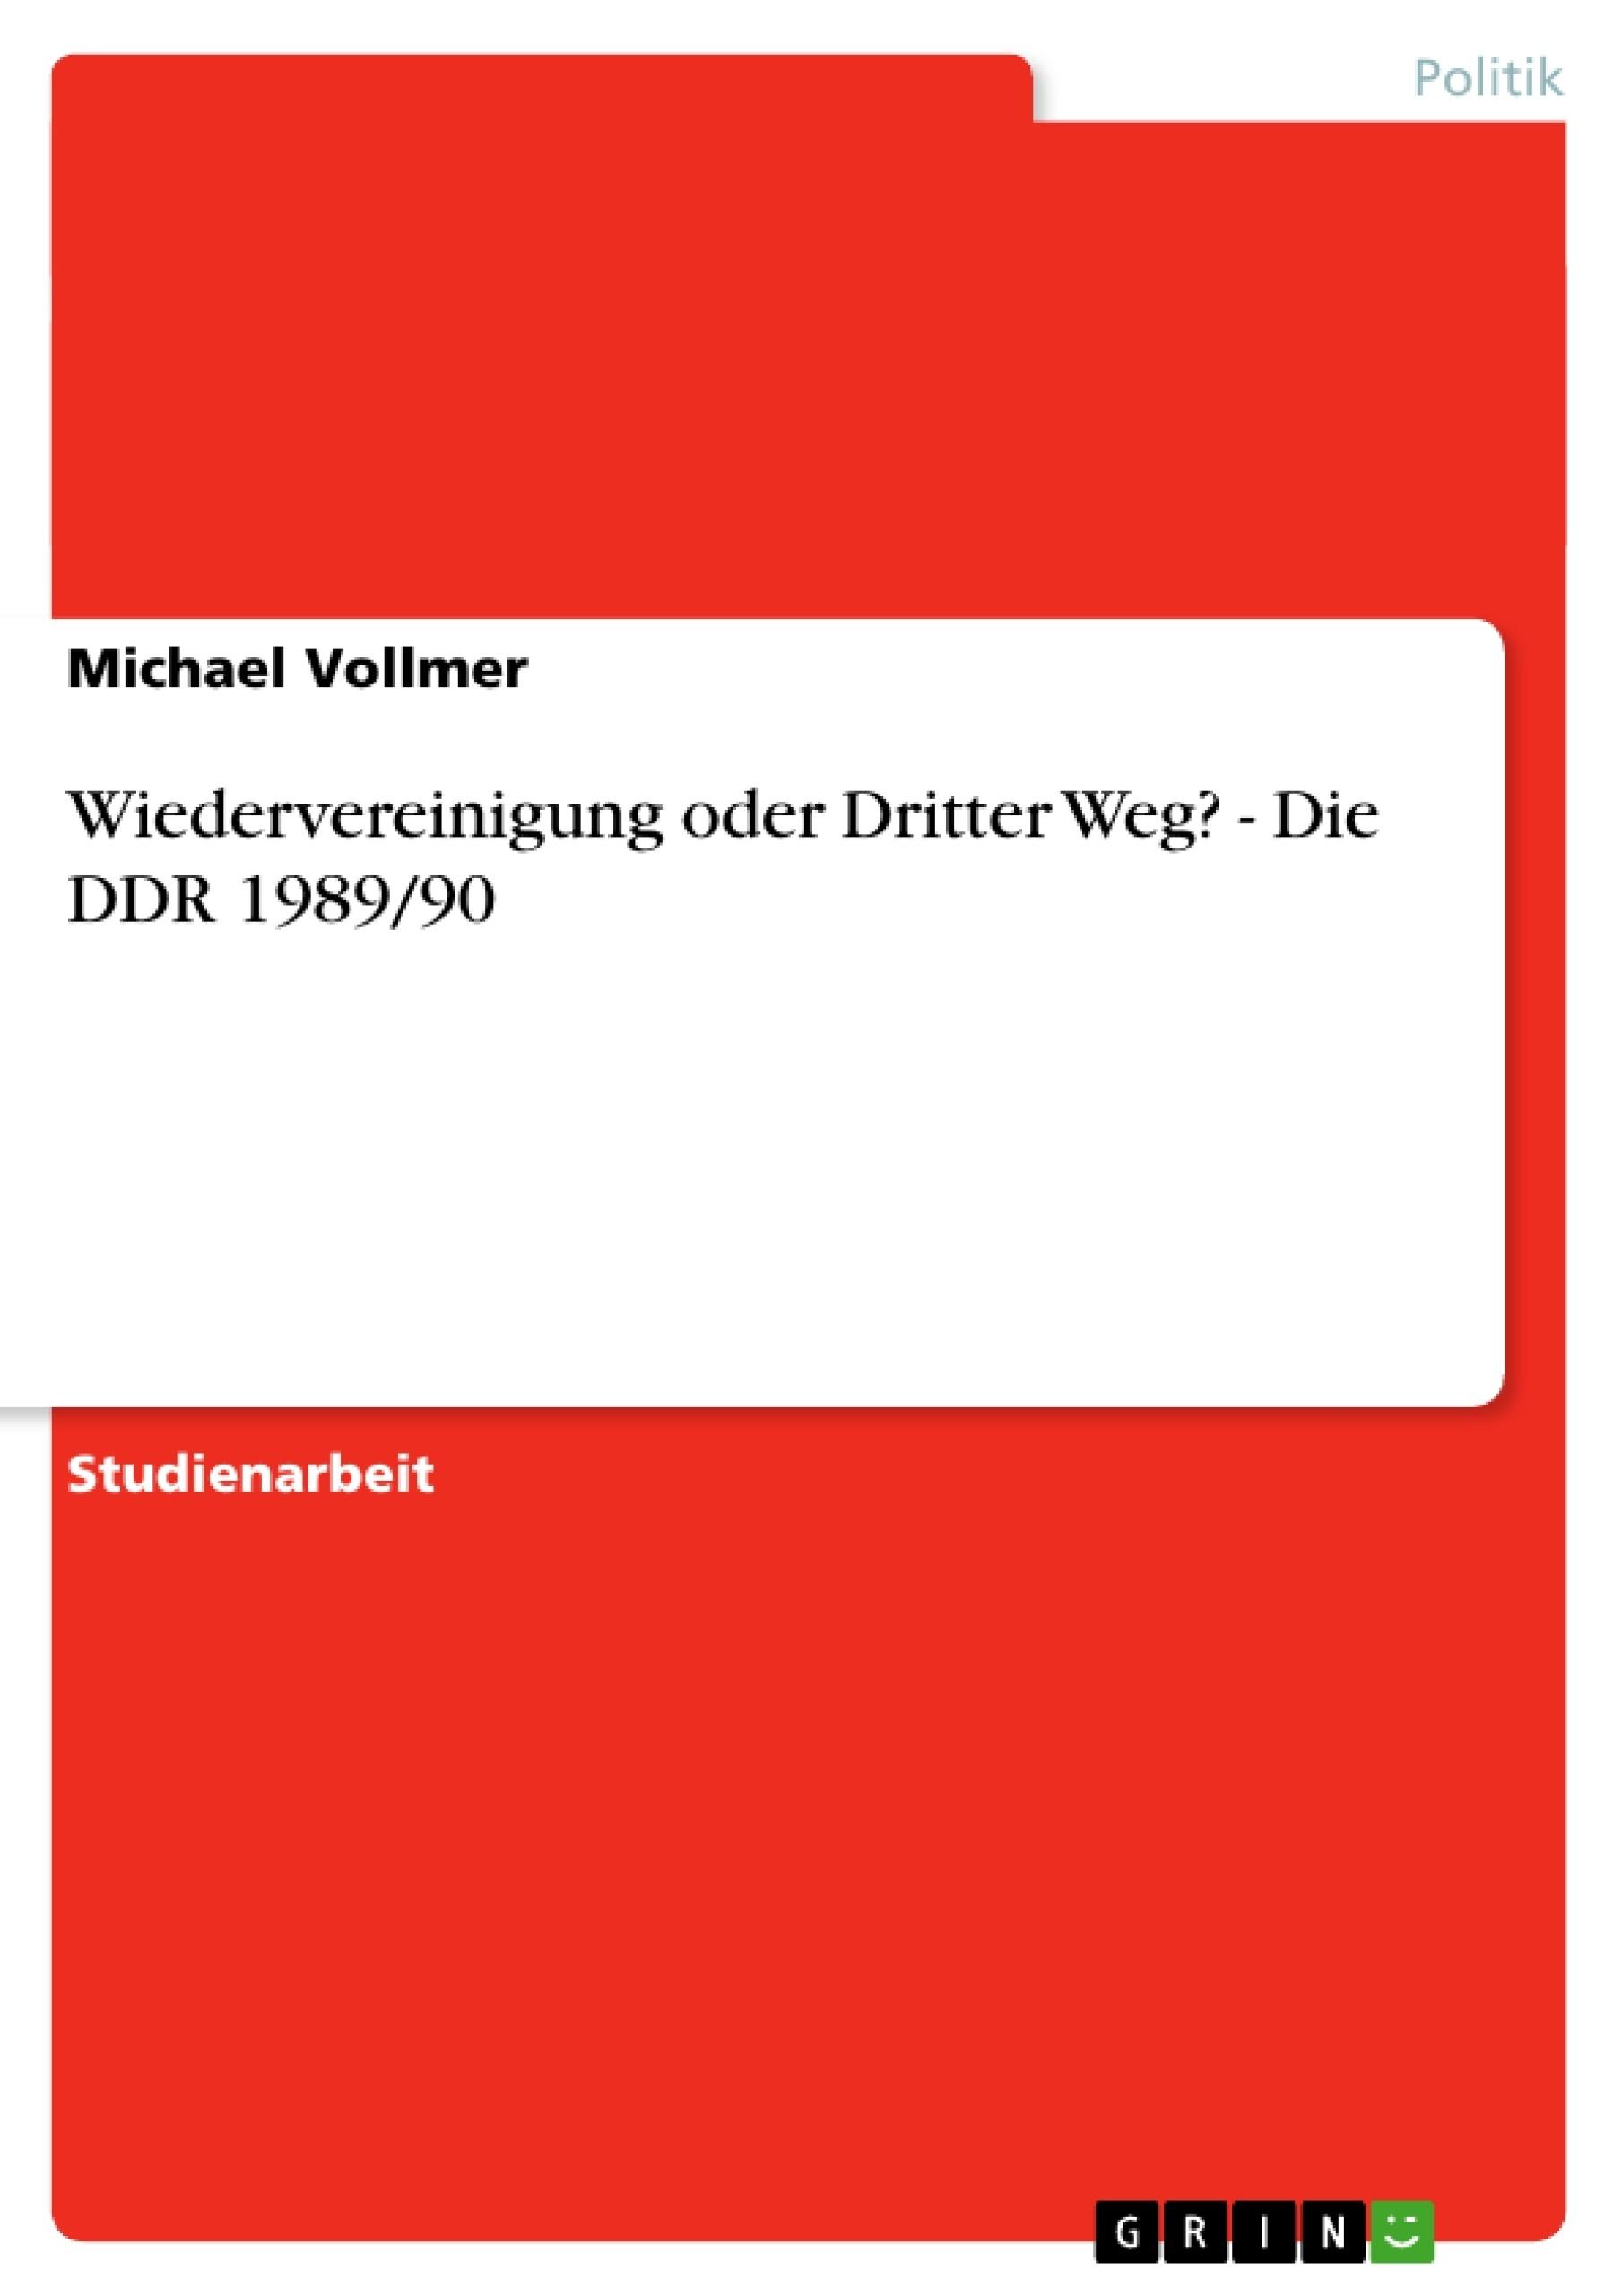 Titel: Wiedervereinigung oder Dritter Weg? - Die DDR 1989/90